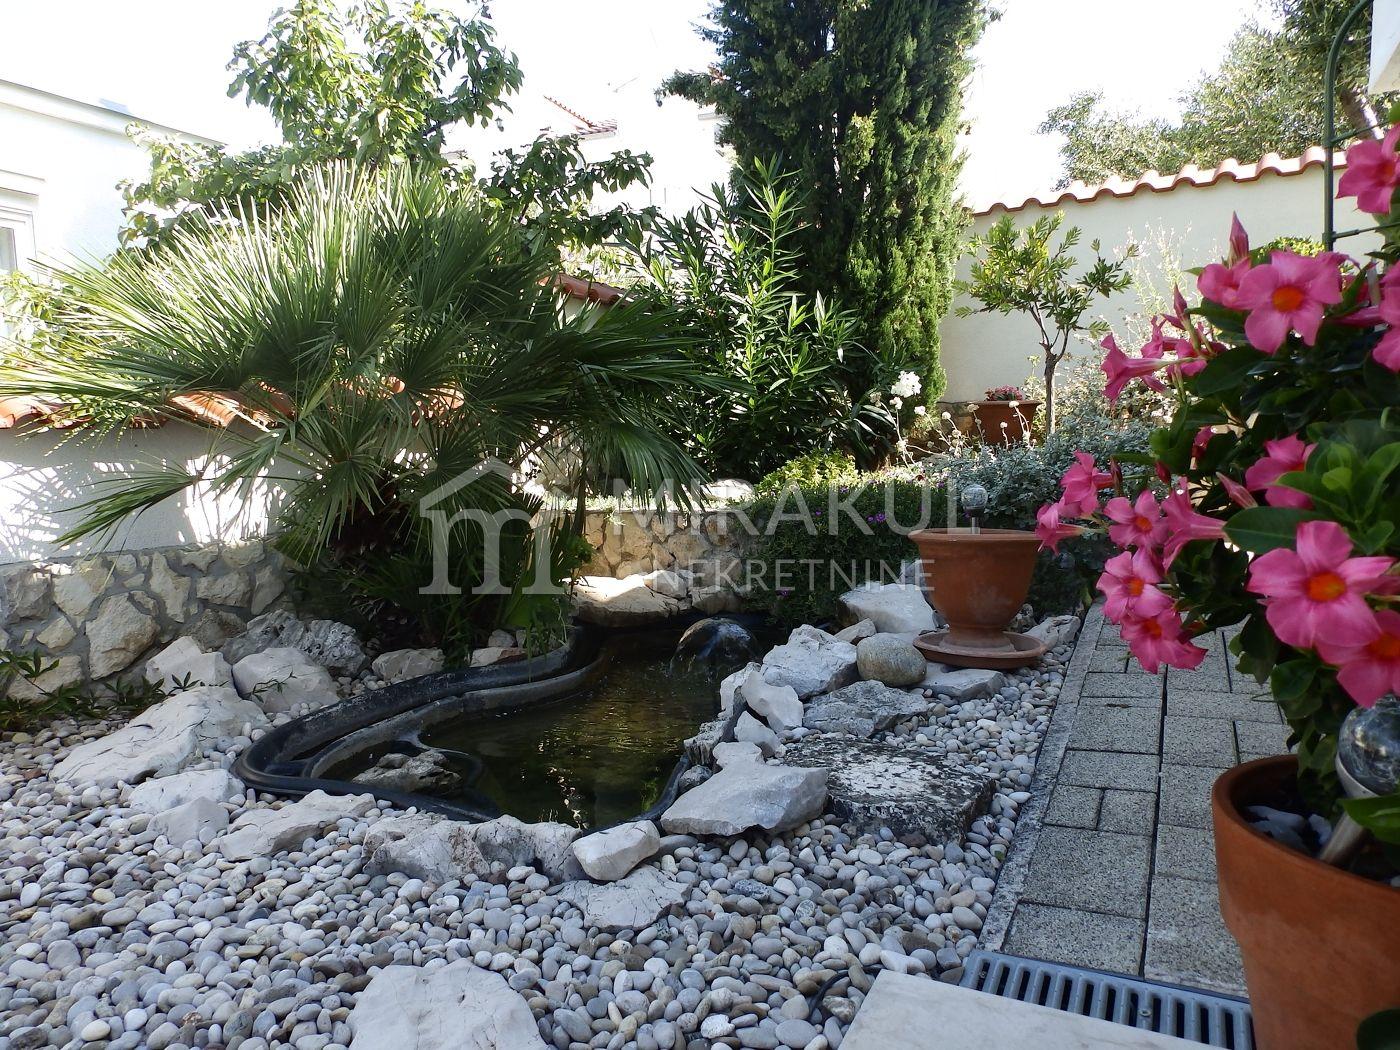 Nekretnine Tisno, kuća, Mirakul nekretnine, ID - KT-496, Luksuzna kuća blizu mora 10